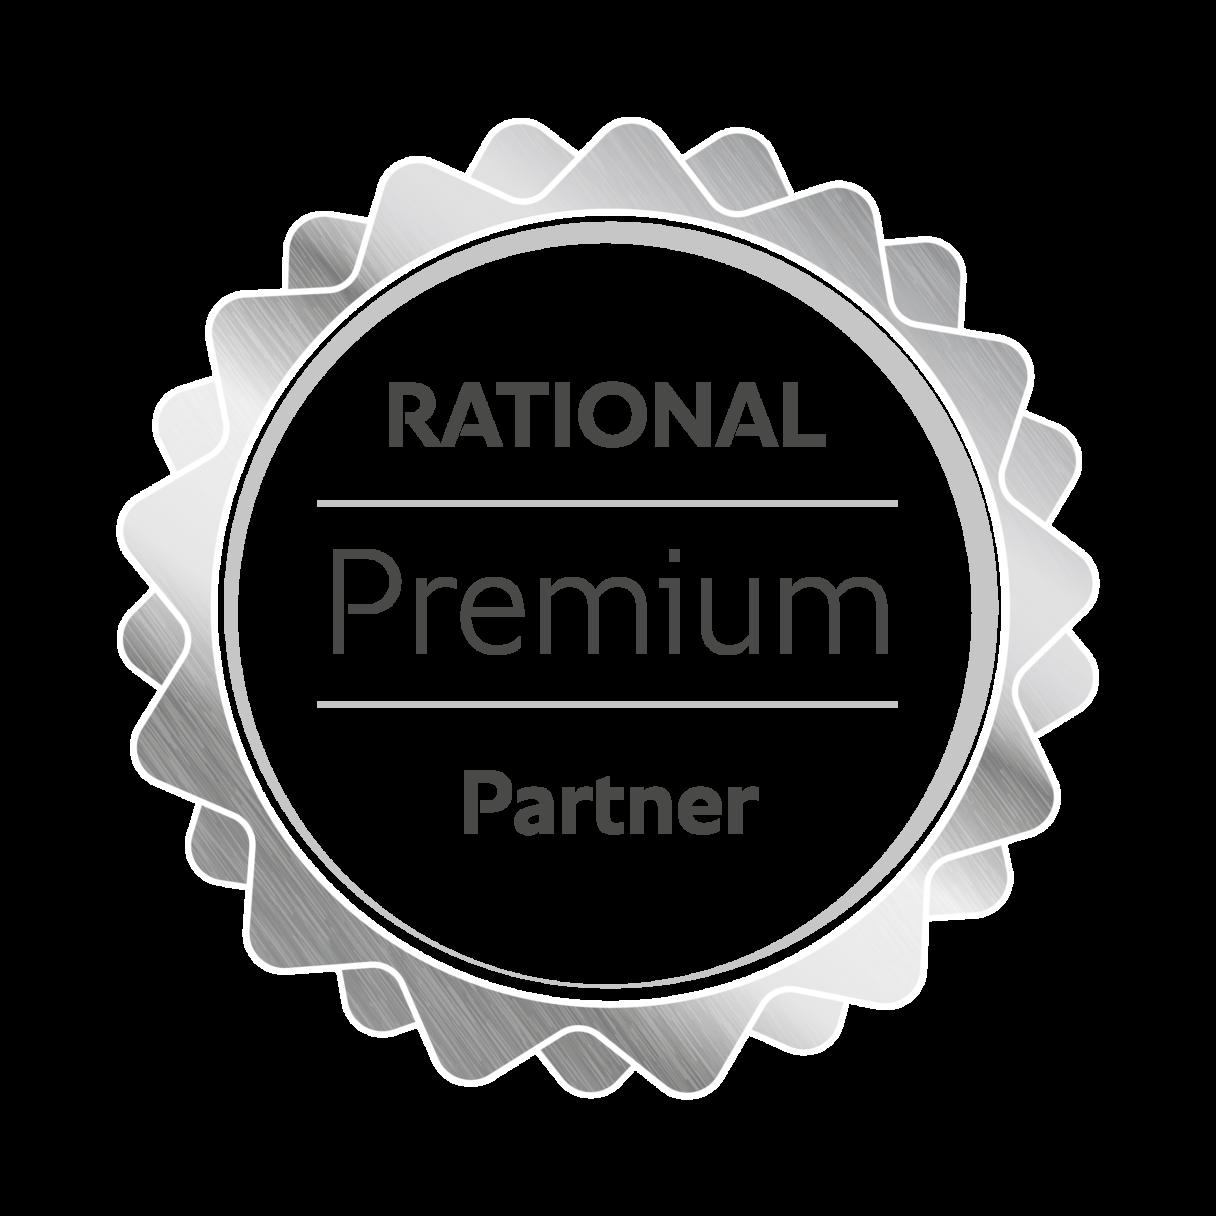 Rational intensyfikuje współpracę ze swoimi partnerami handlowymi